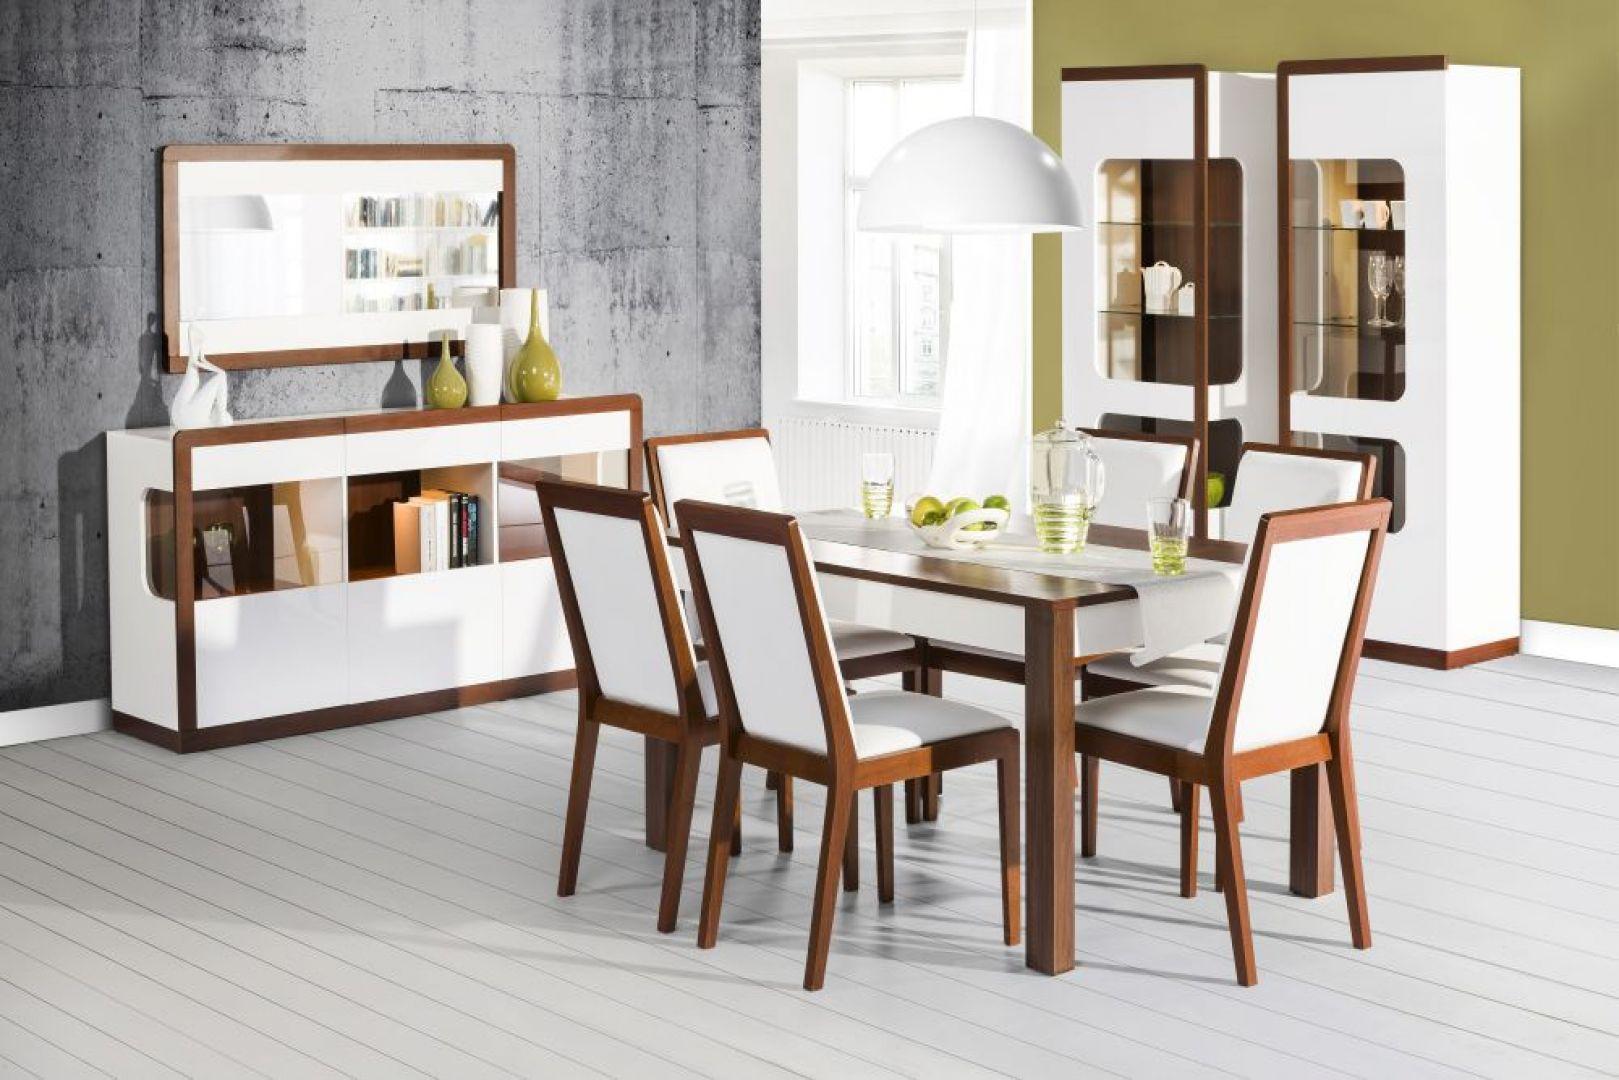 Jadalnia Malta marki Szynaka Meble to nowoczesna propozycja białych mebli ocieplonych elementami drewna. Cena stołu: 549 zł. Cena krzesła: 299 zł. Fot. Szynaka Meble